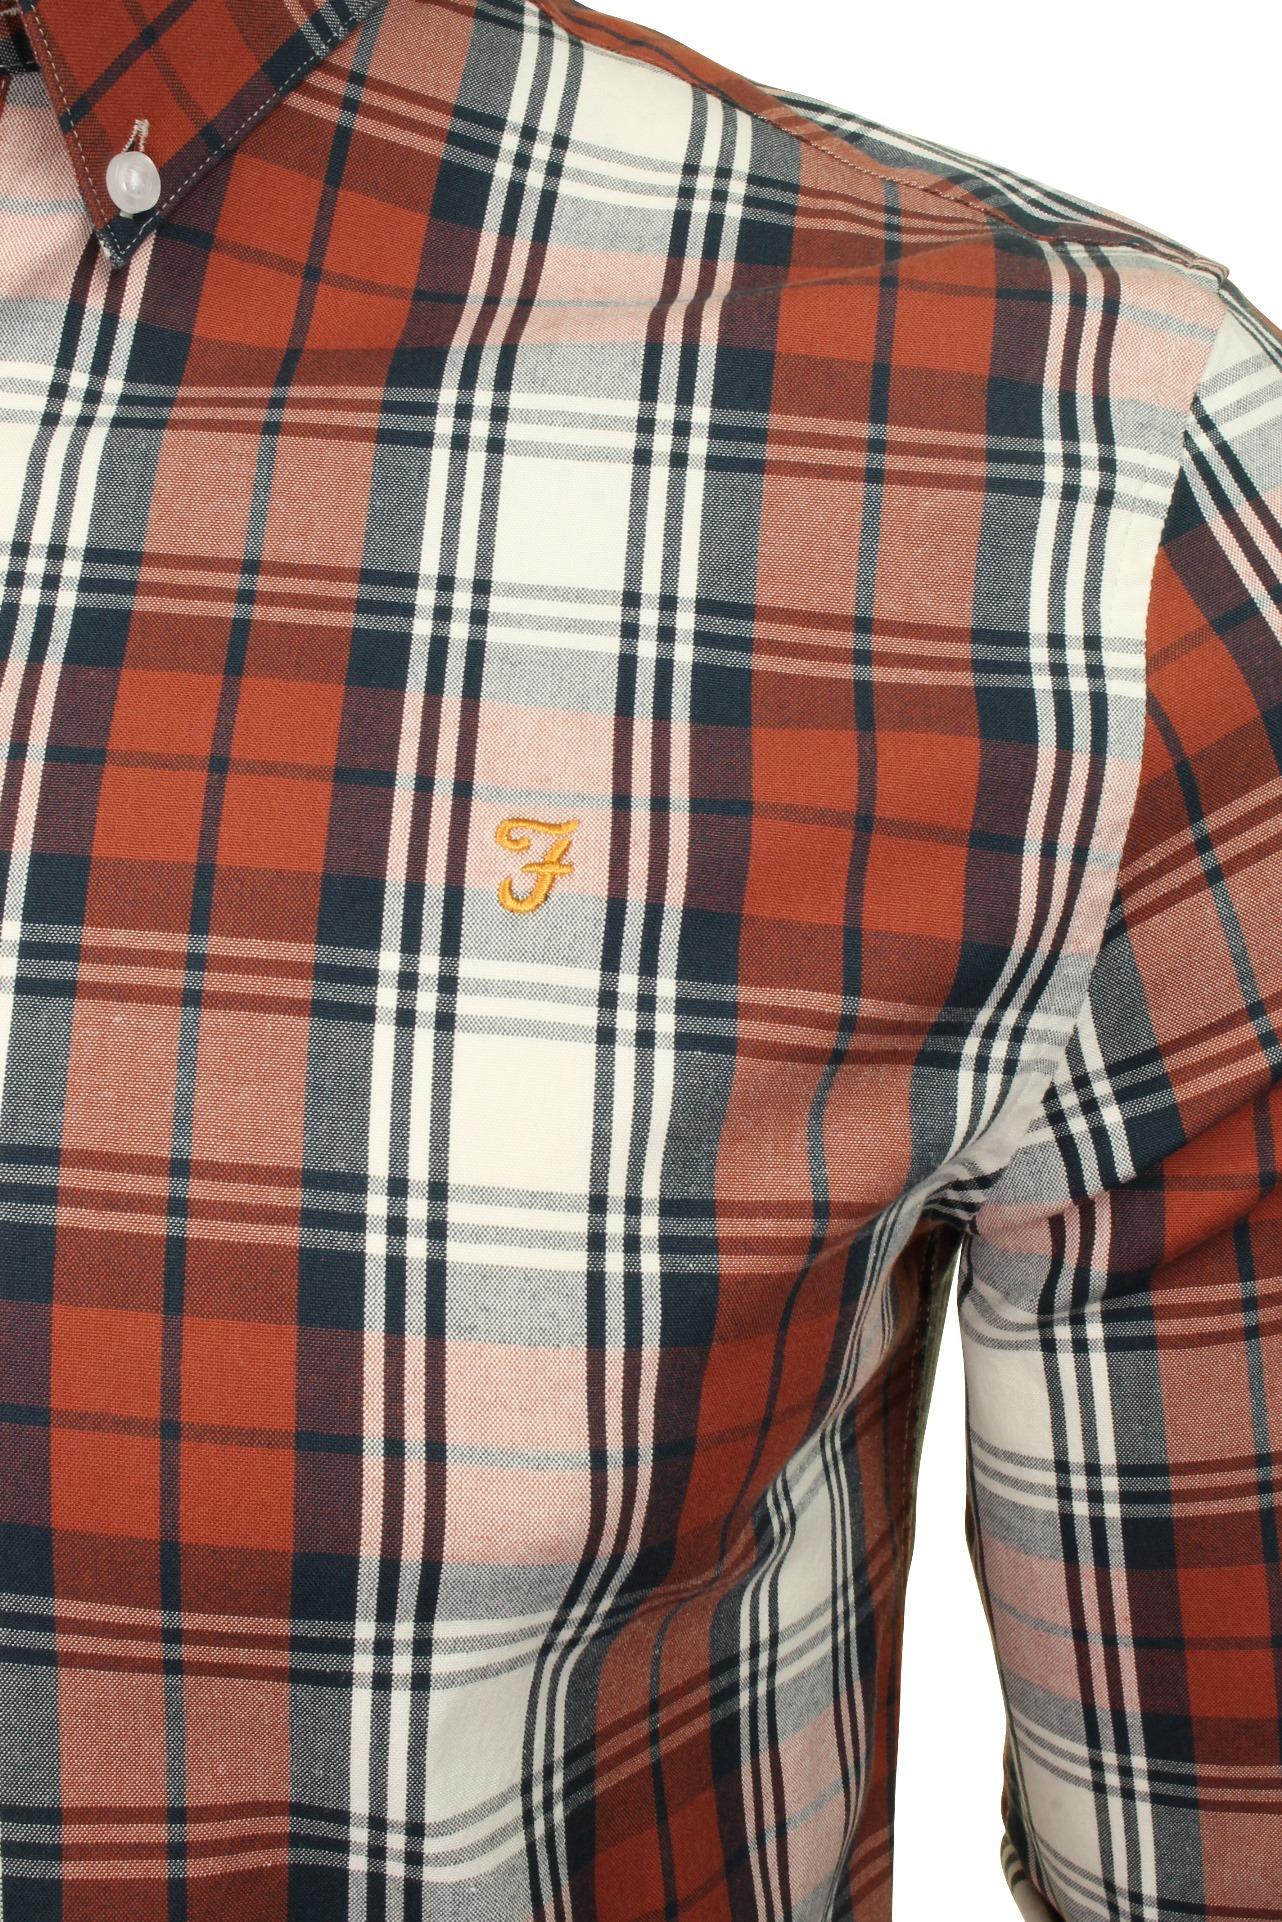 Farah-Mens-Check-Shirt-039-Brewer-Blackwatch-039-Long-Sleeved thumbnail 16